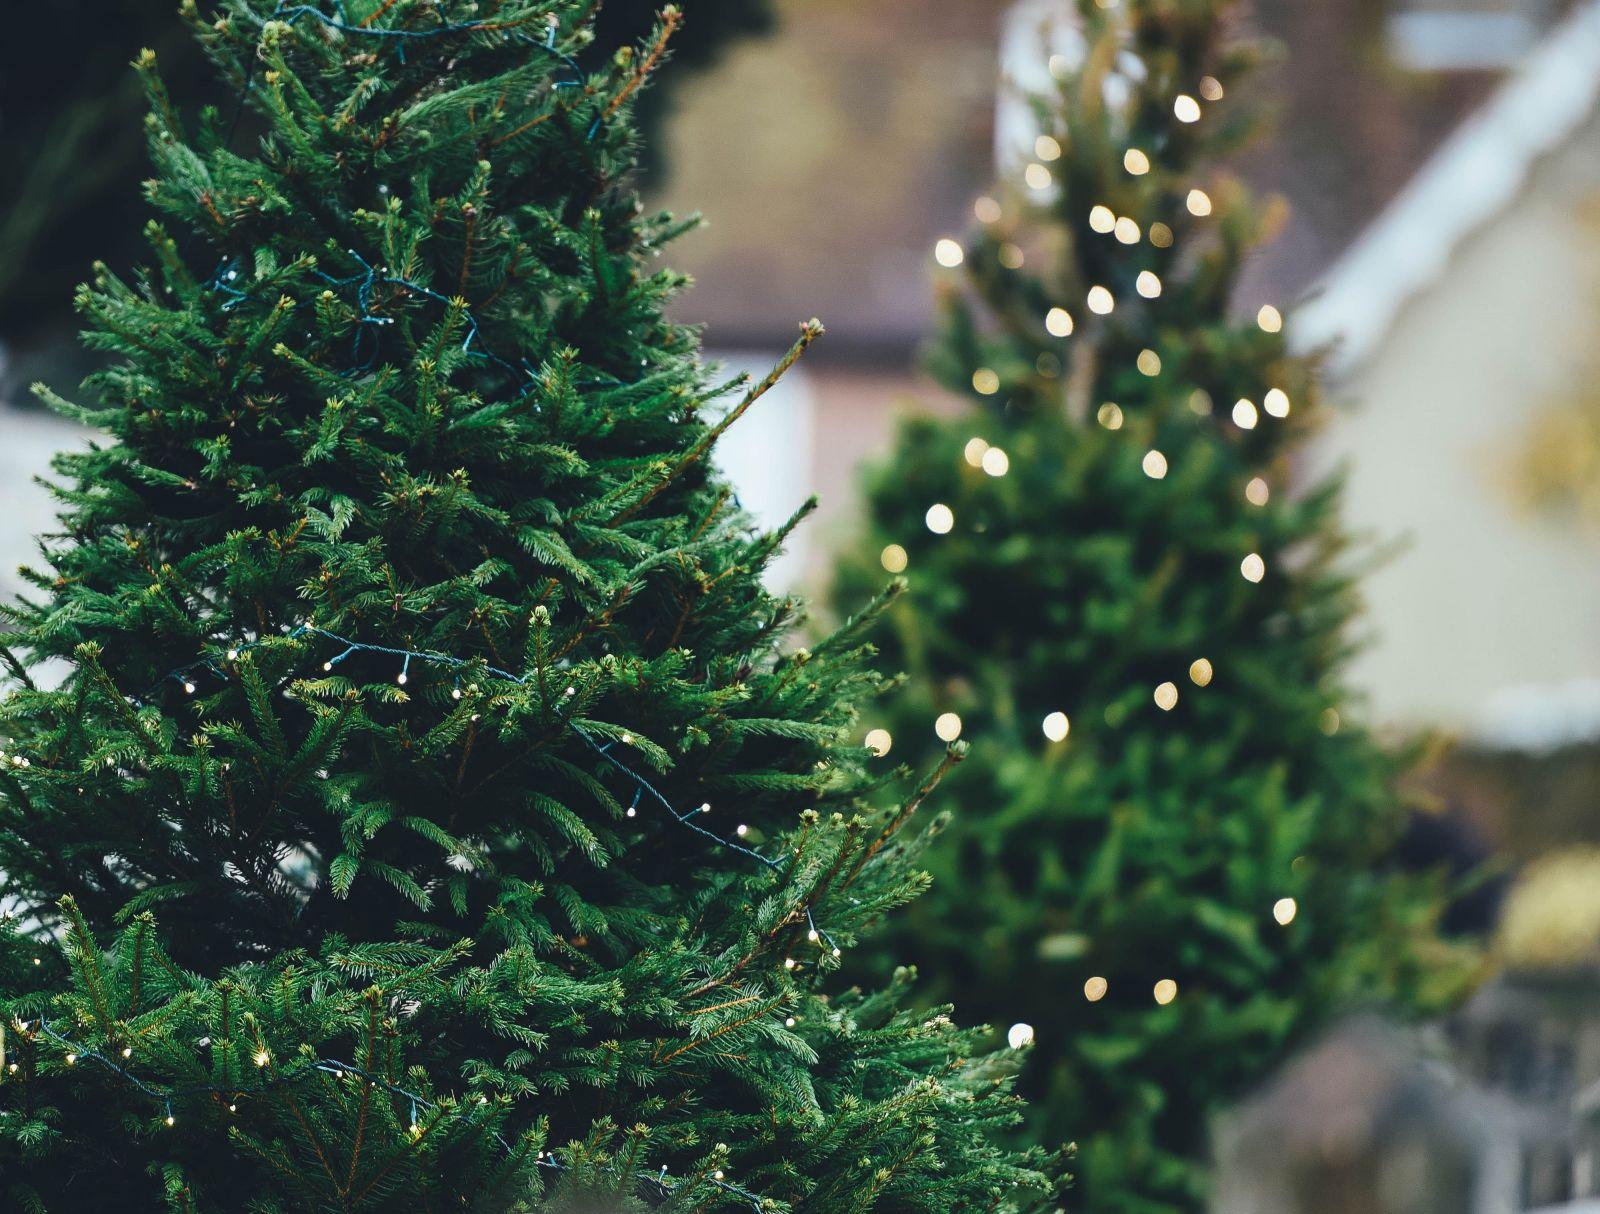 Aj na Vianoce môžeš byť EKO. Zasaď stromček do kvetináča a navar len toľko, koľko naozaj zješ